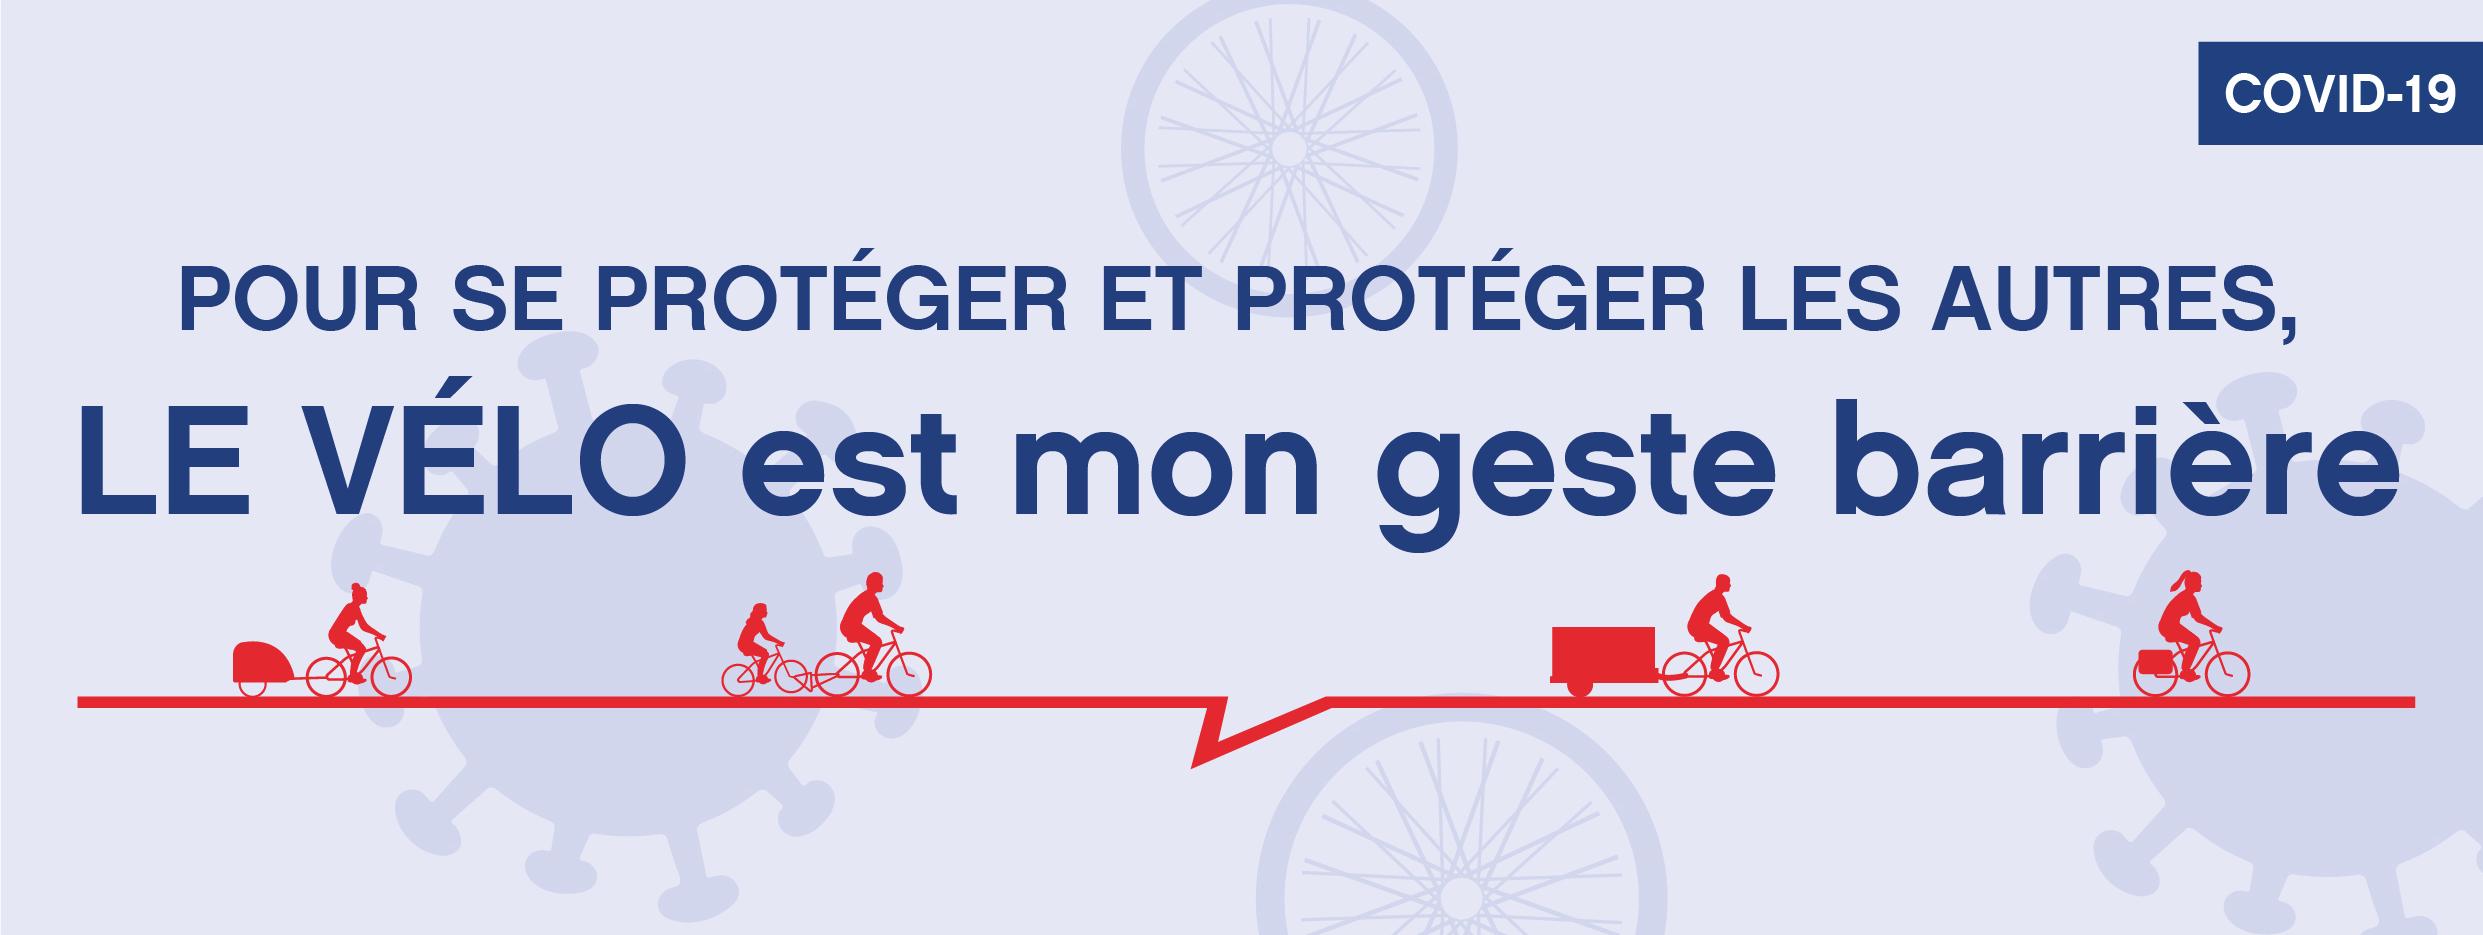 Le vélo, mon transport barrière